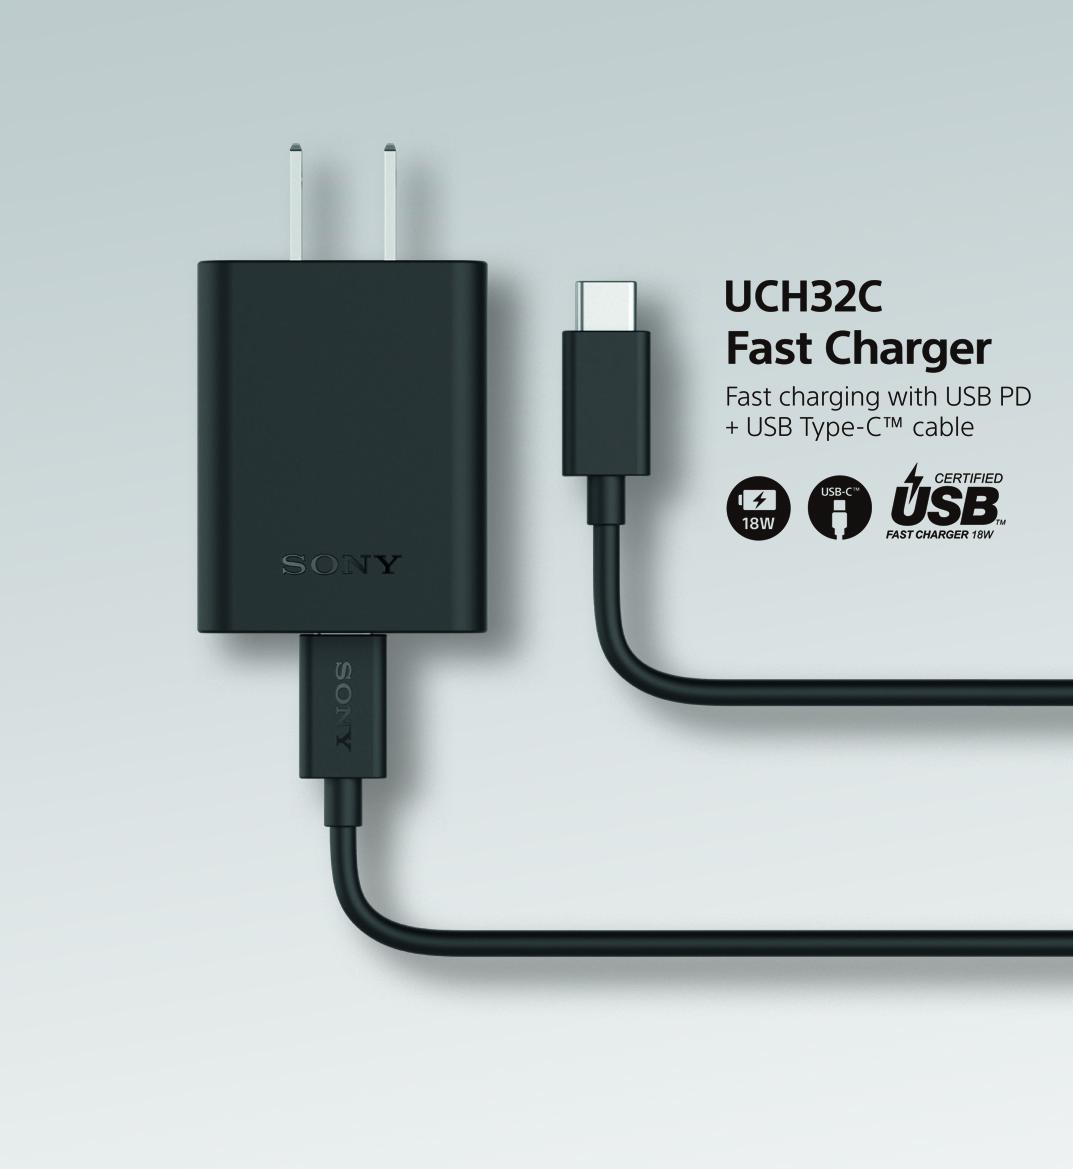 UCH32C